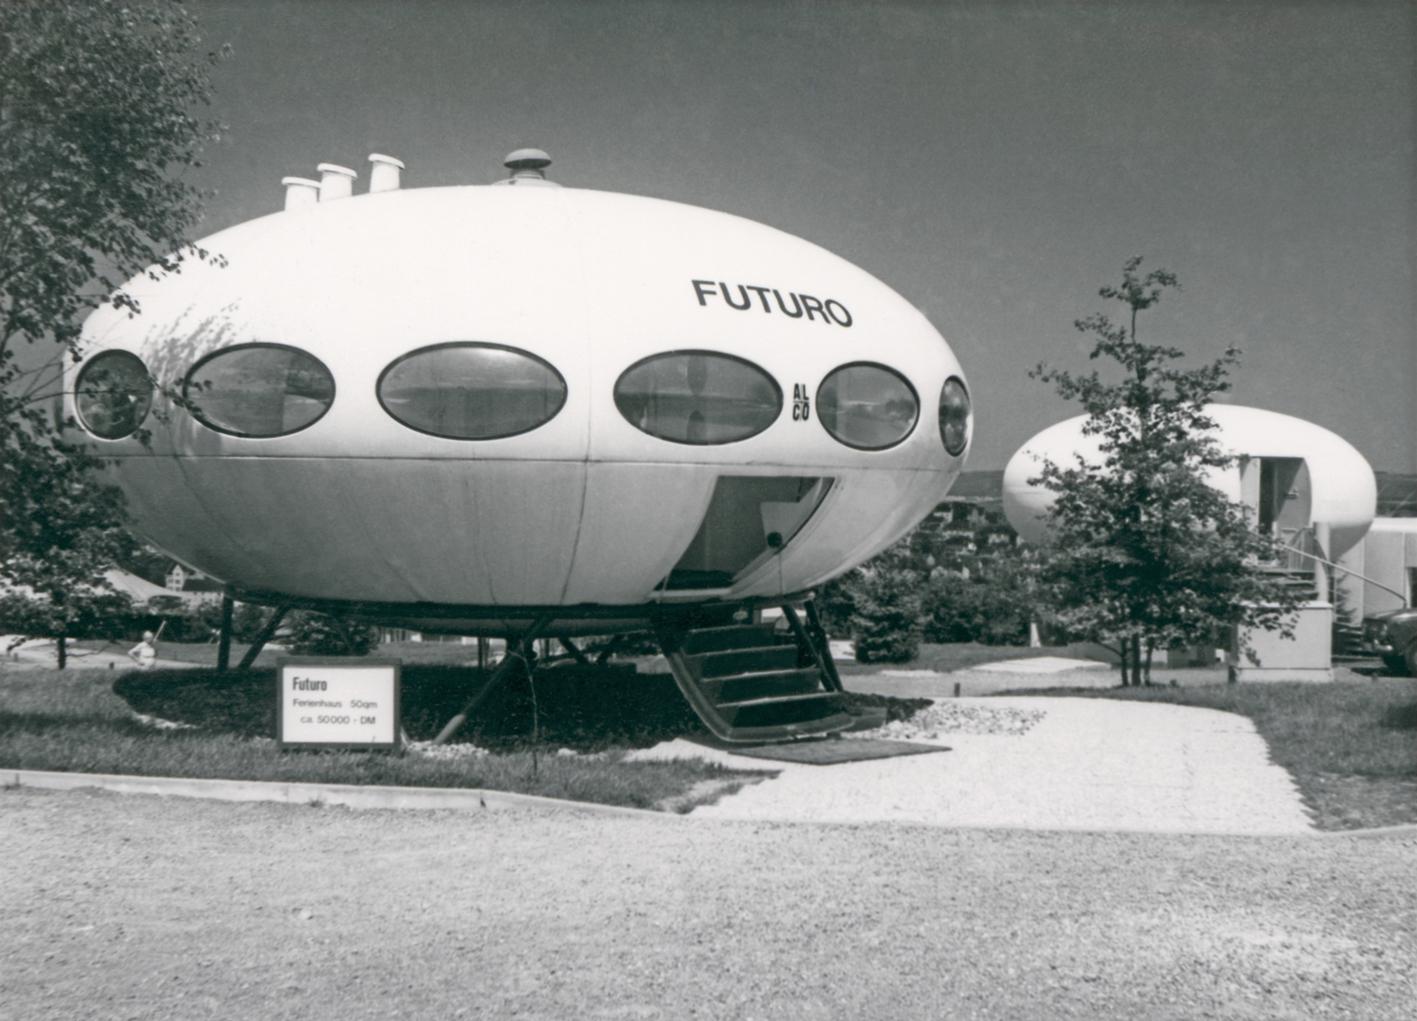 Futuro Eine Ikone Des Space Age Verband Der Restauratoren Vdr